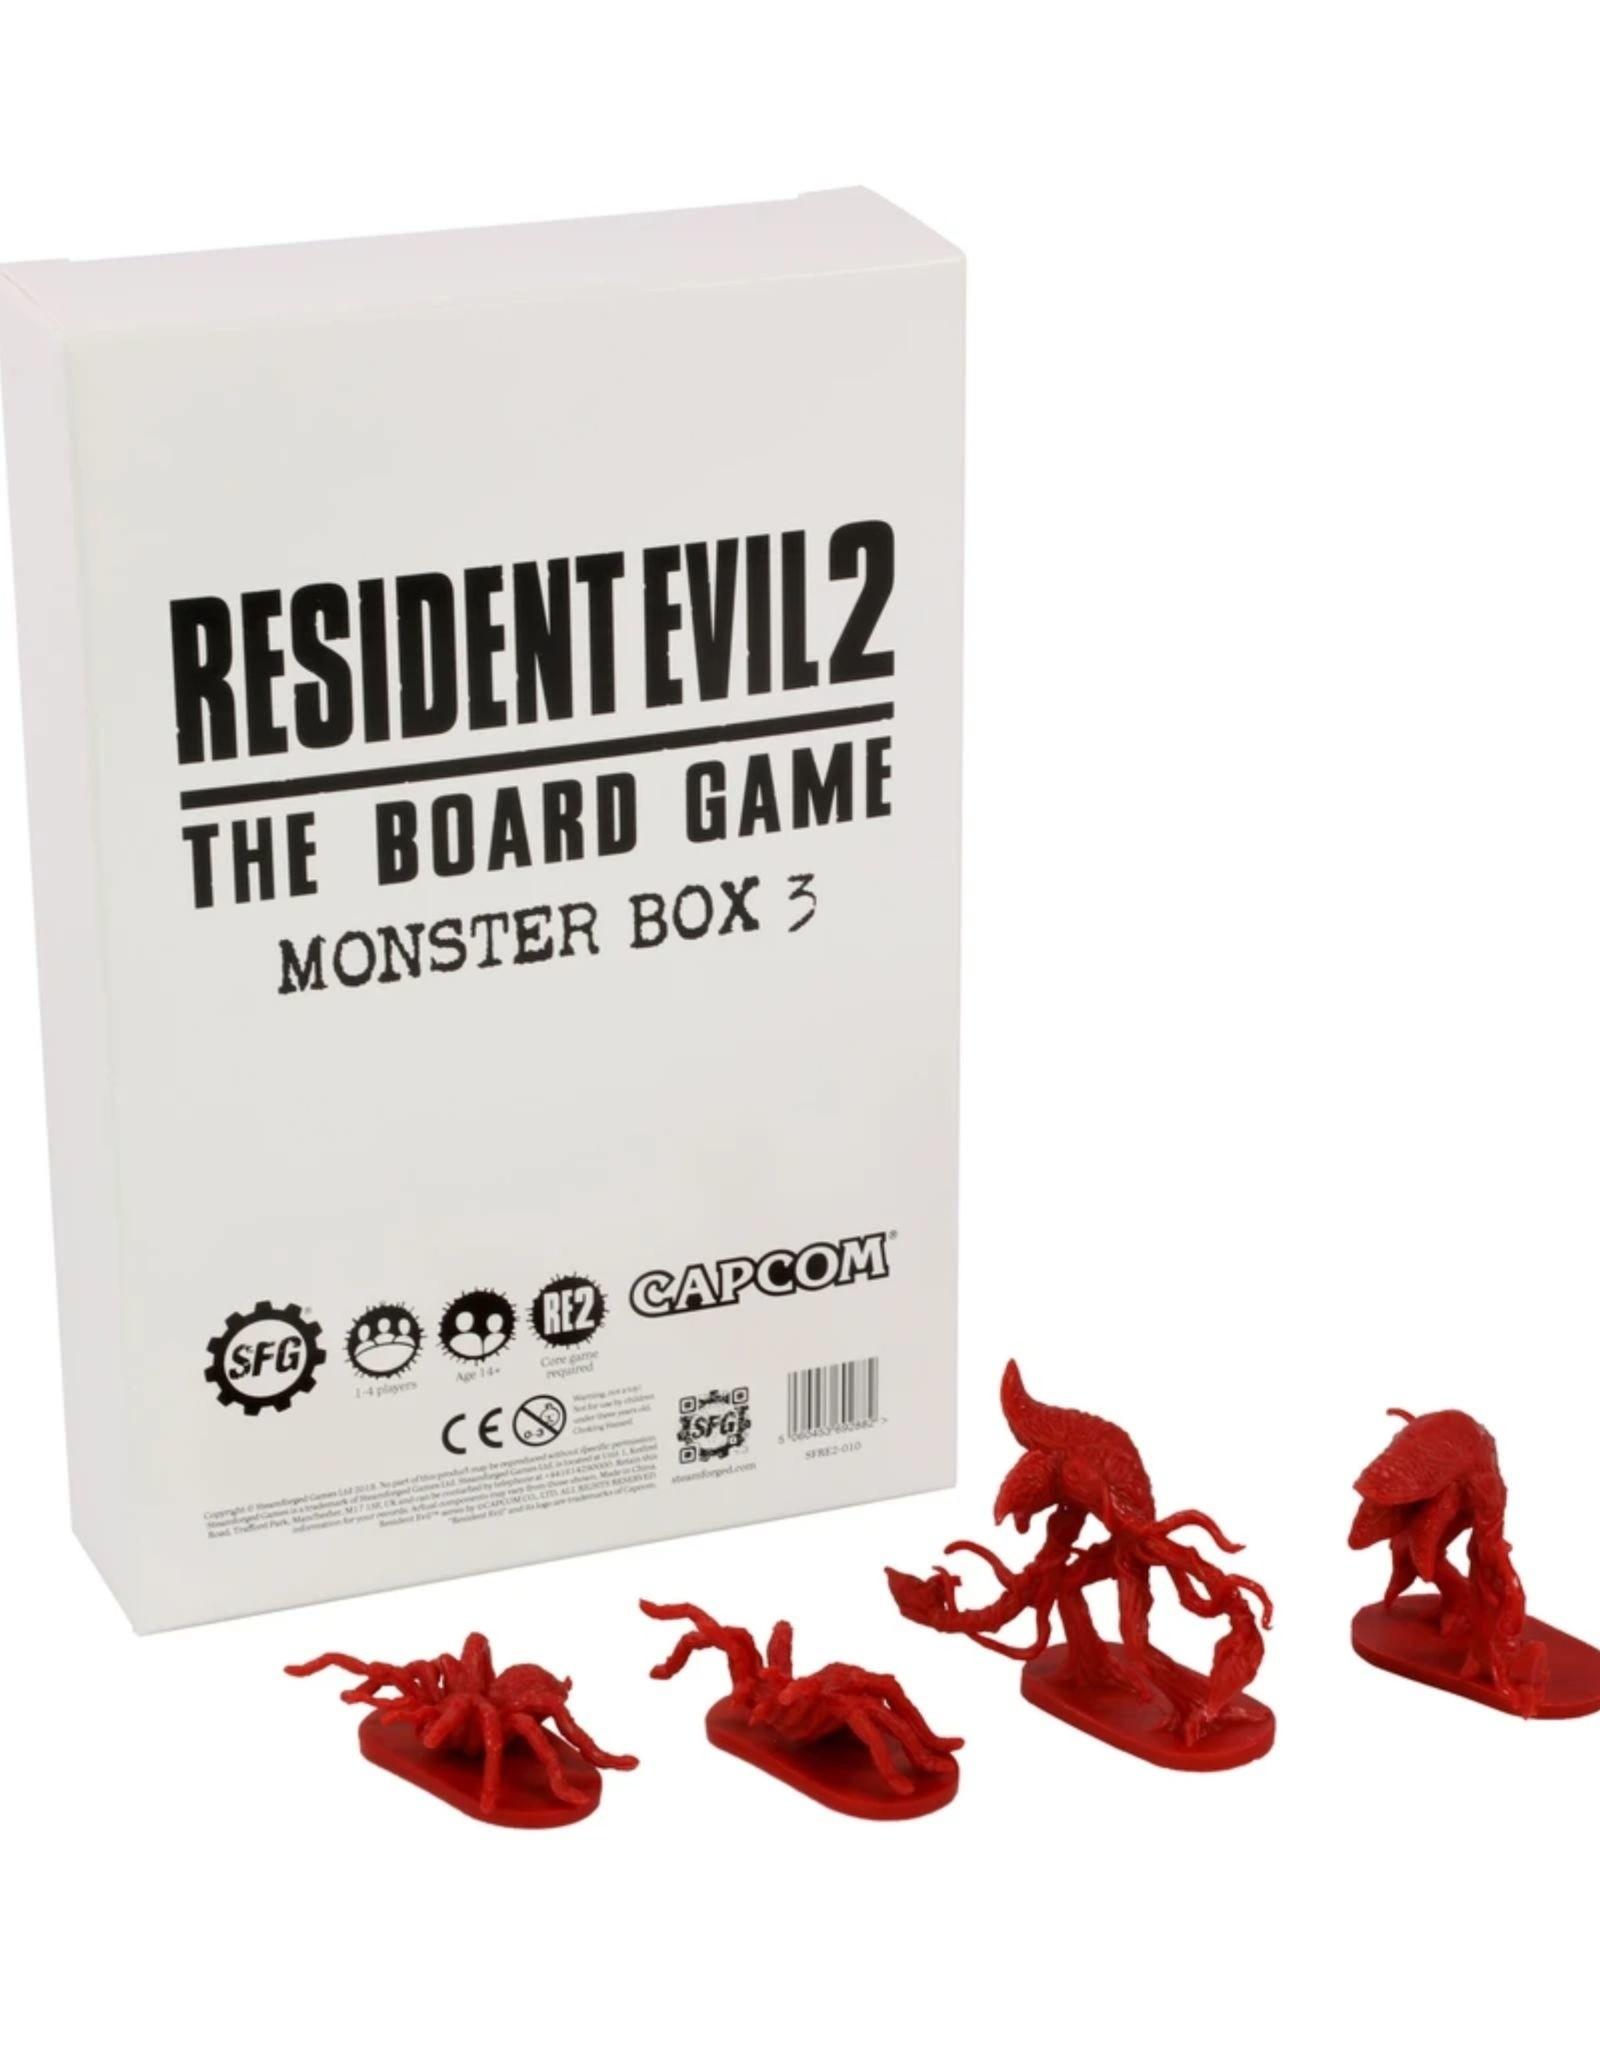 Resident Evil Resident Evil 2 - Monster Box 3